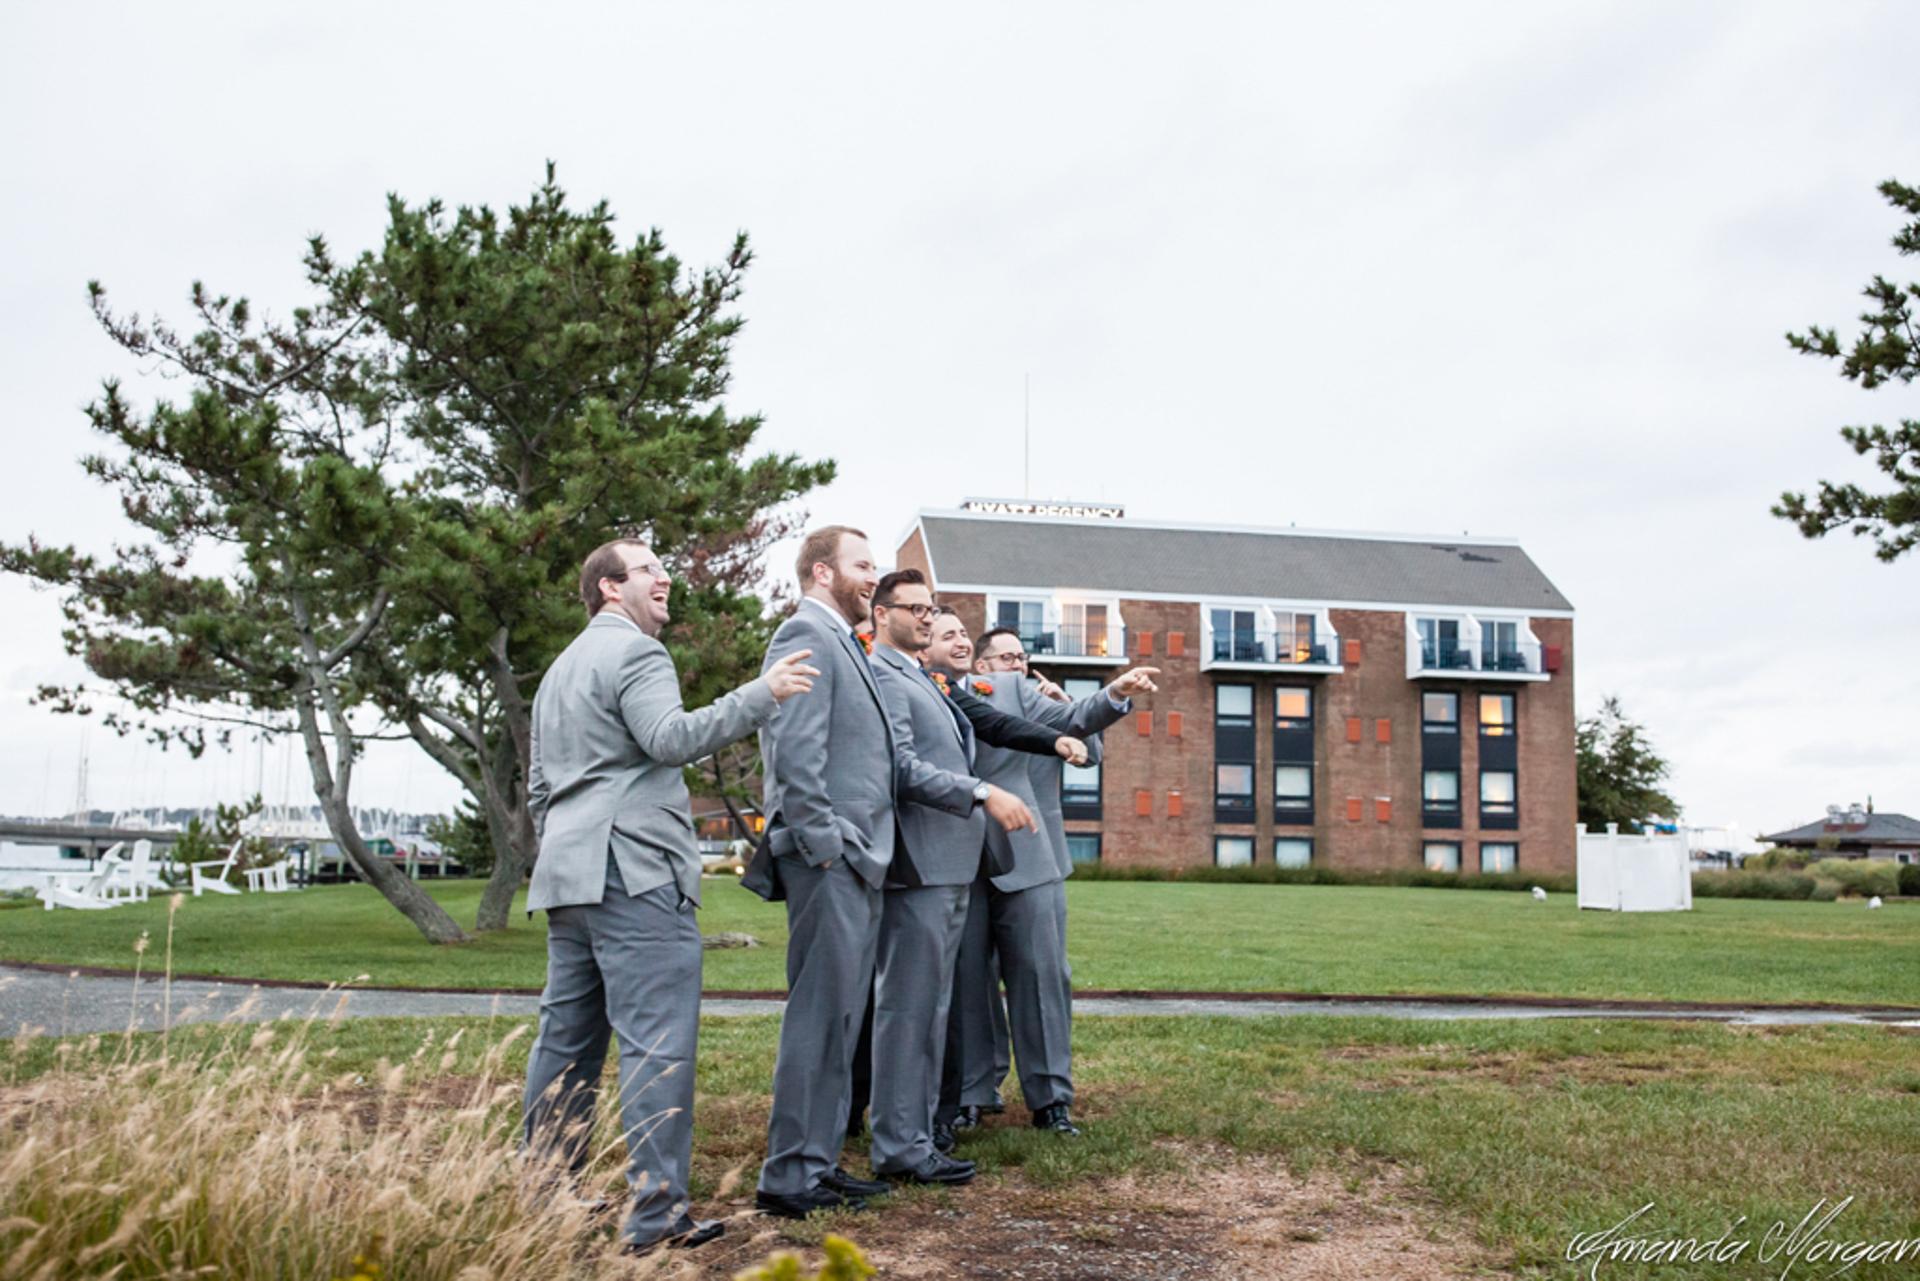 hyatt-regency-newport-wedding-55.jpg